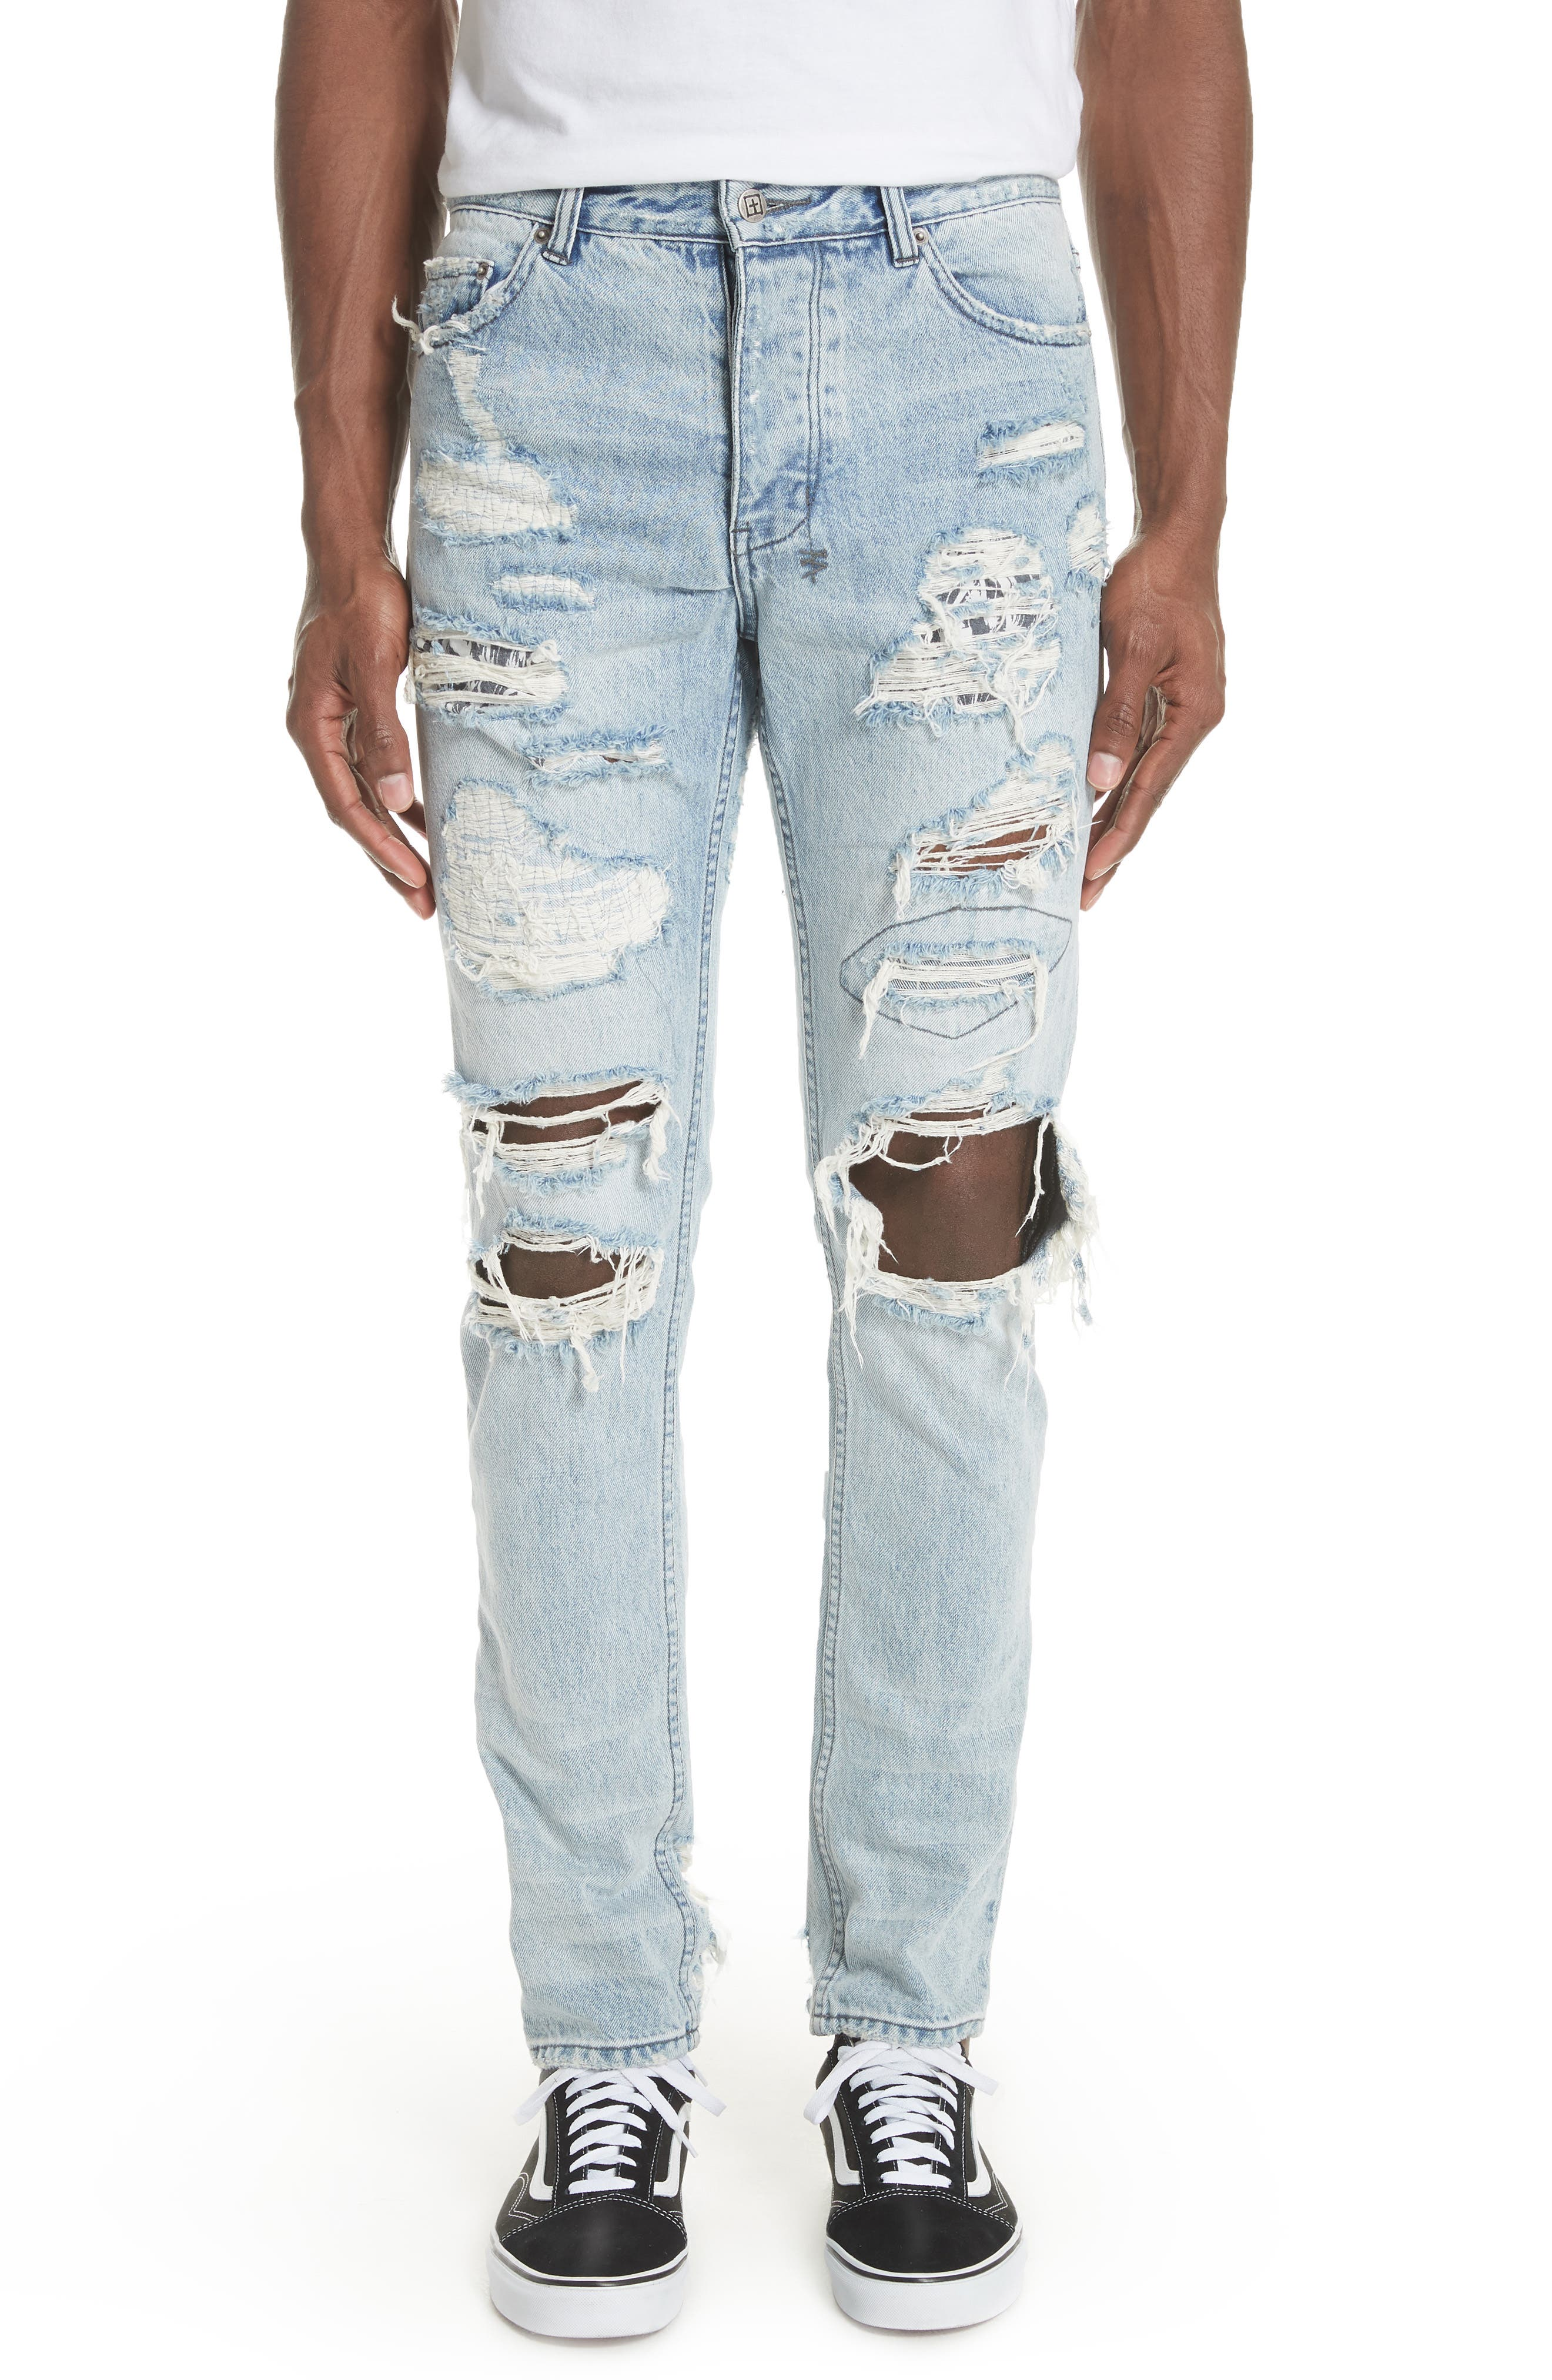 Chitch Tropo Trash Jeans,                             Main thumbnail 1, color,                             DENIM